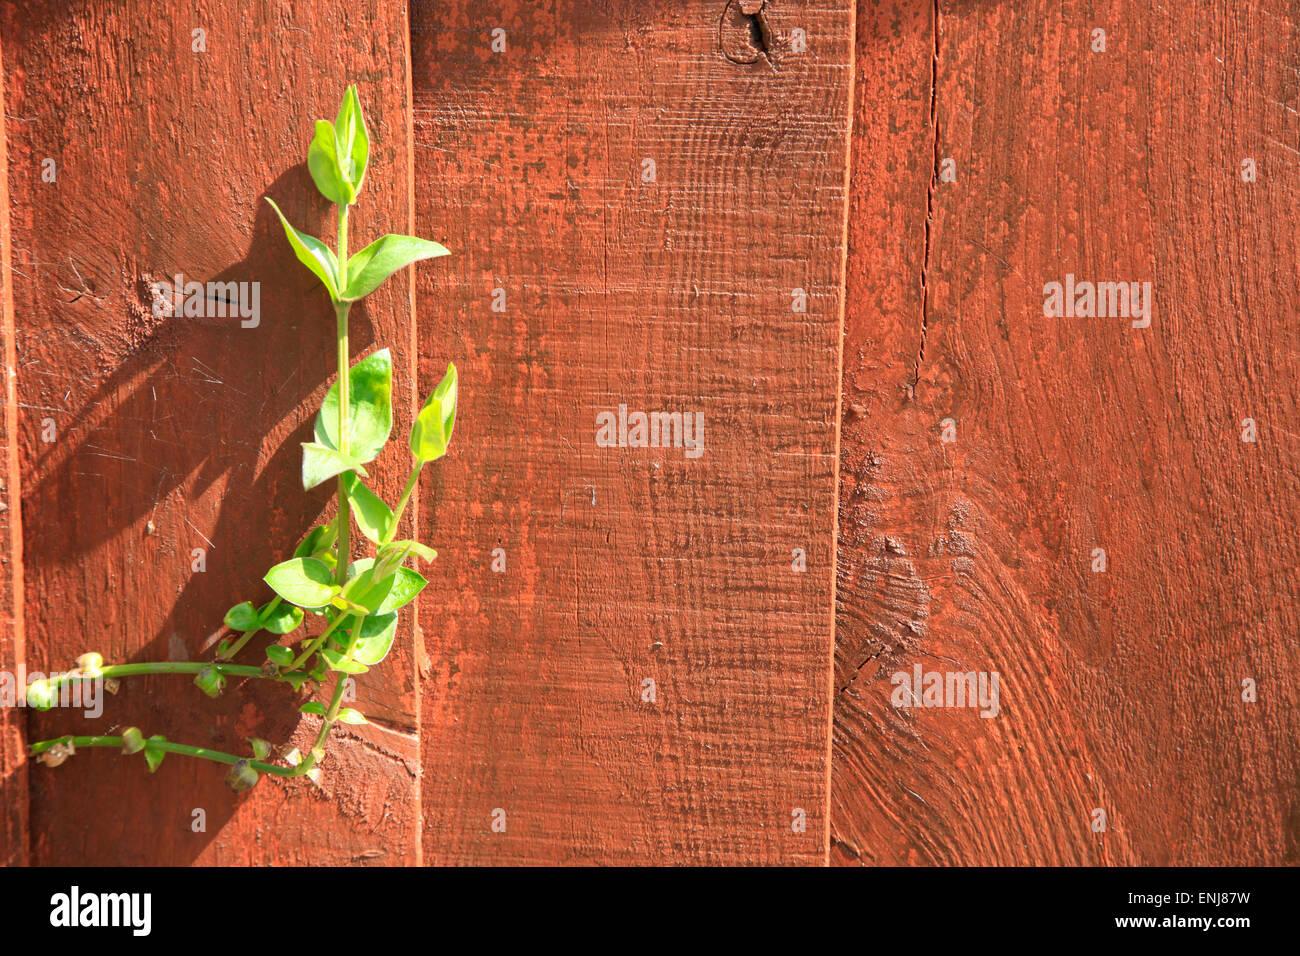 Weed grows through a garden fence - Stock Image